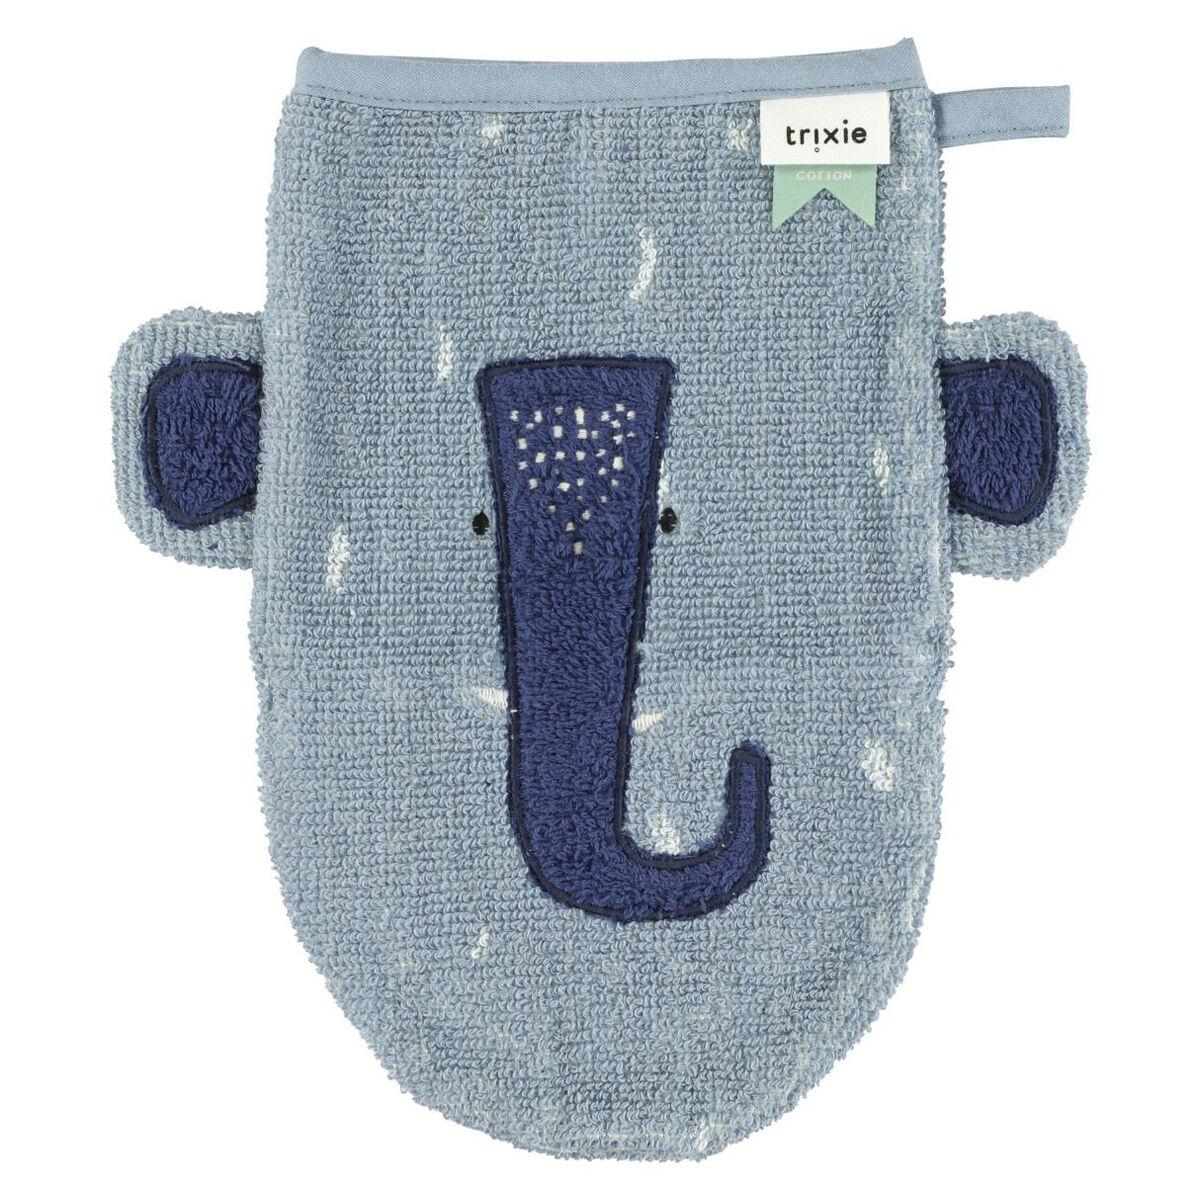 Trixie Baby Gant de Toilette - Mrs. Elephant